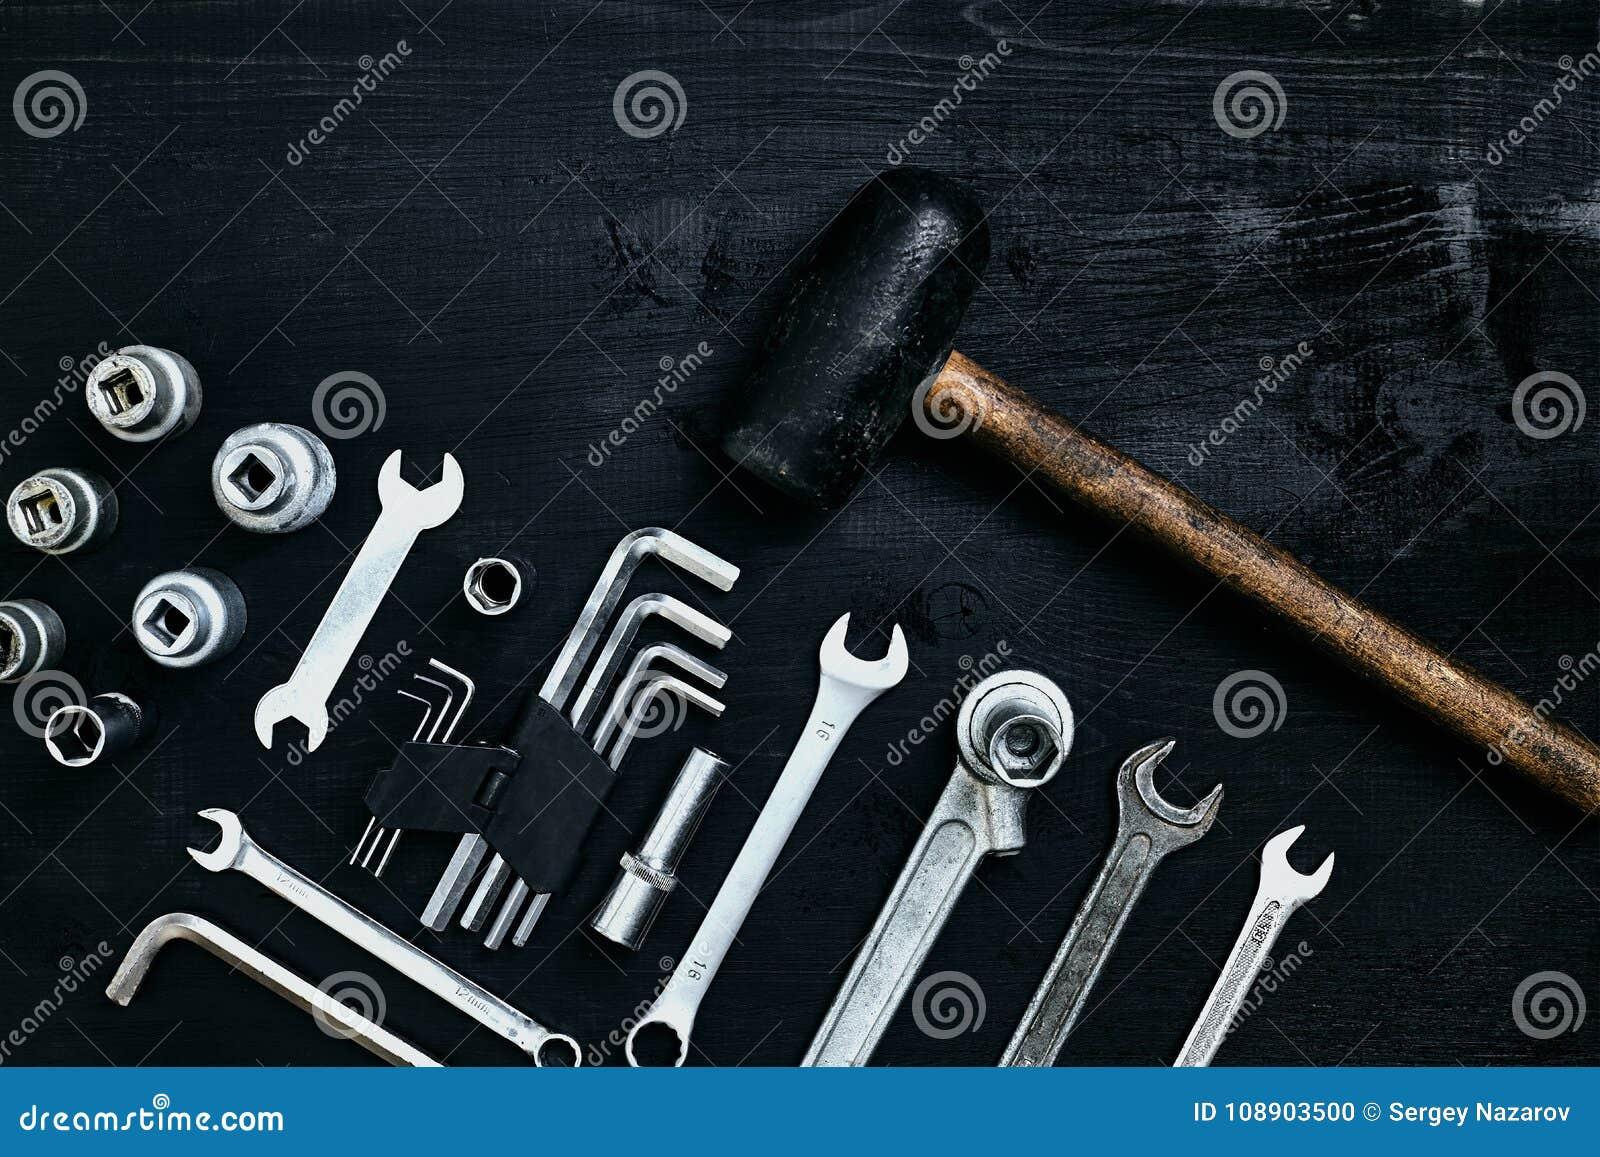 Renovera en bil En uppsättning av reparationshjälpmedel förhäxer tangenter, en hammare och en skruvmejsel på en svart träbakgrund